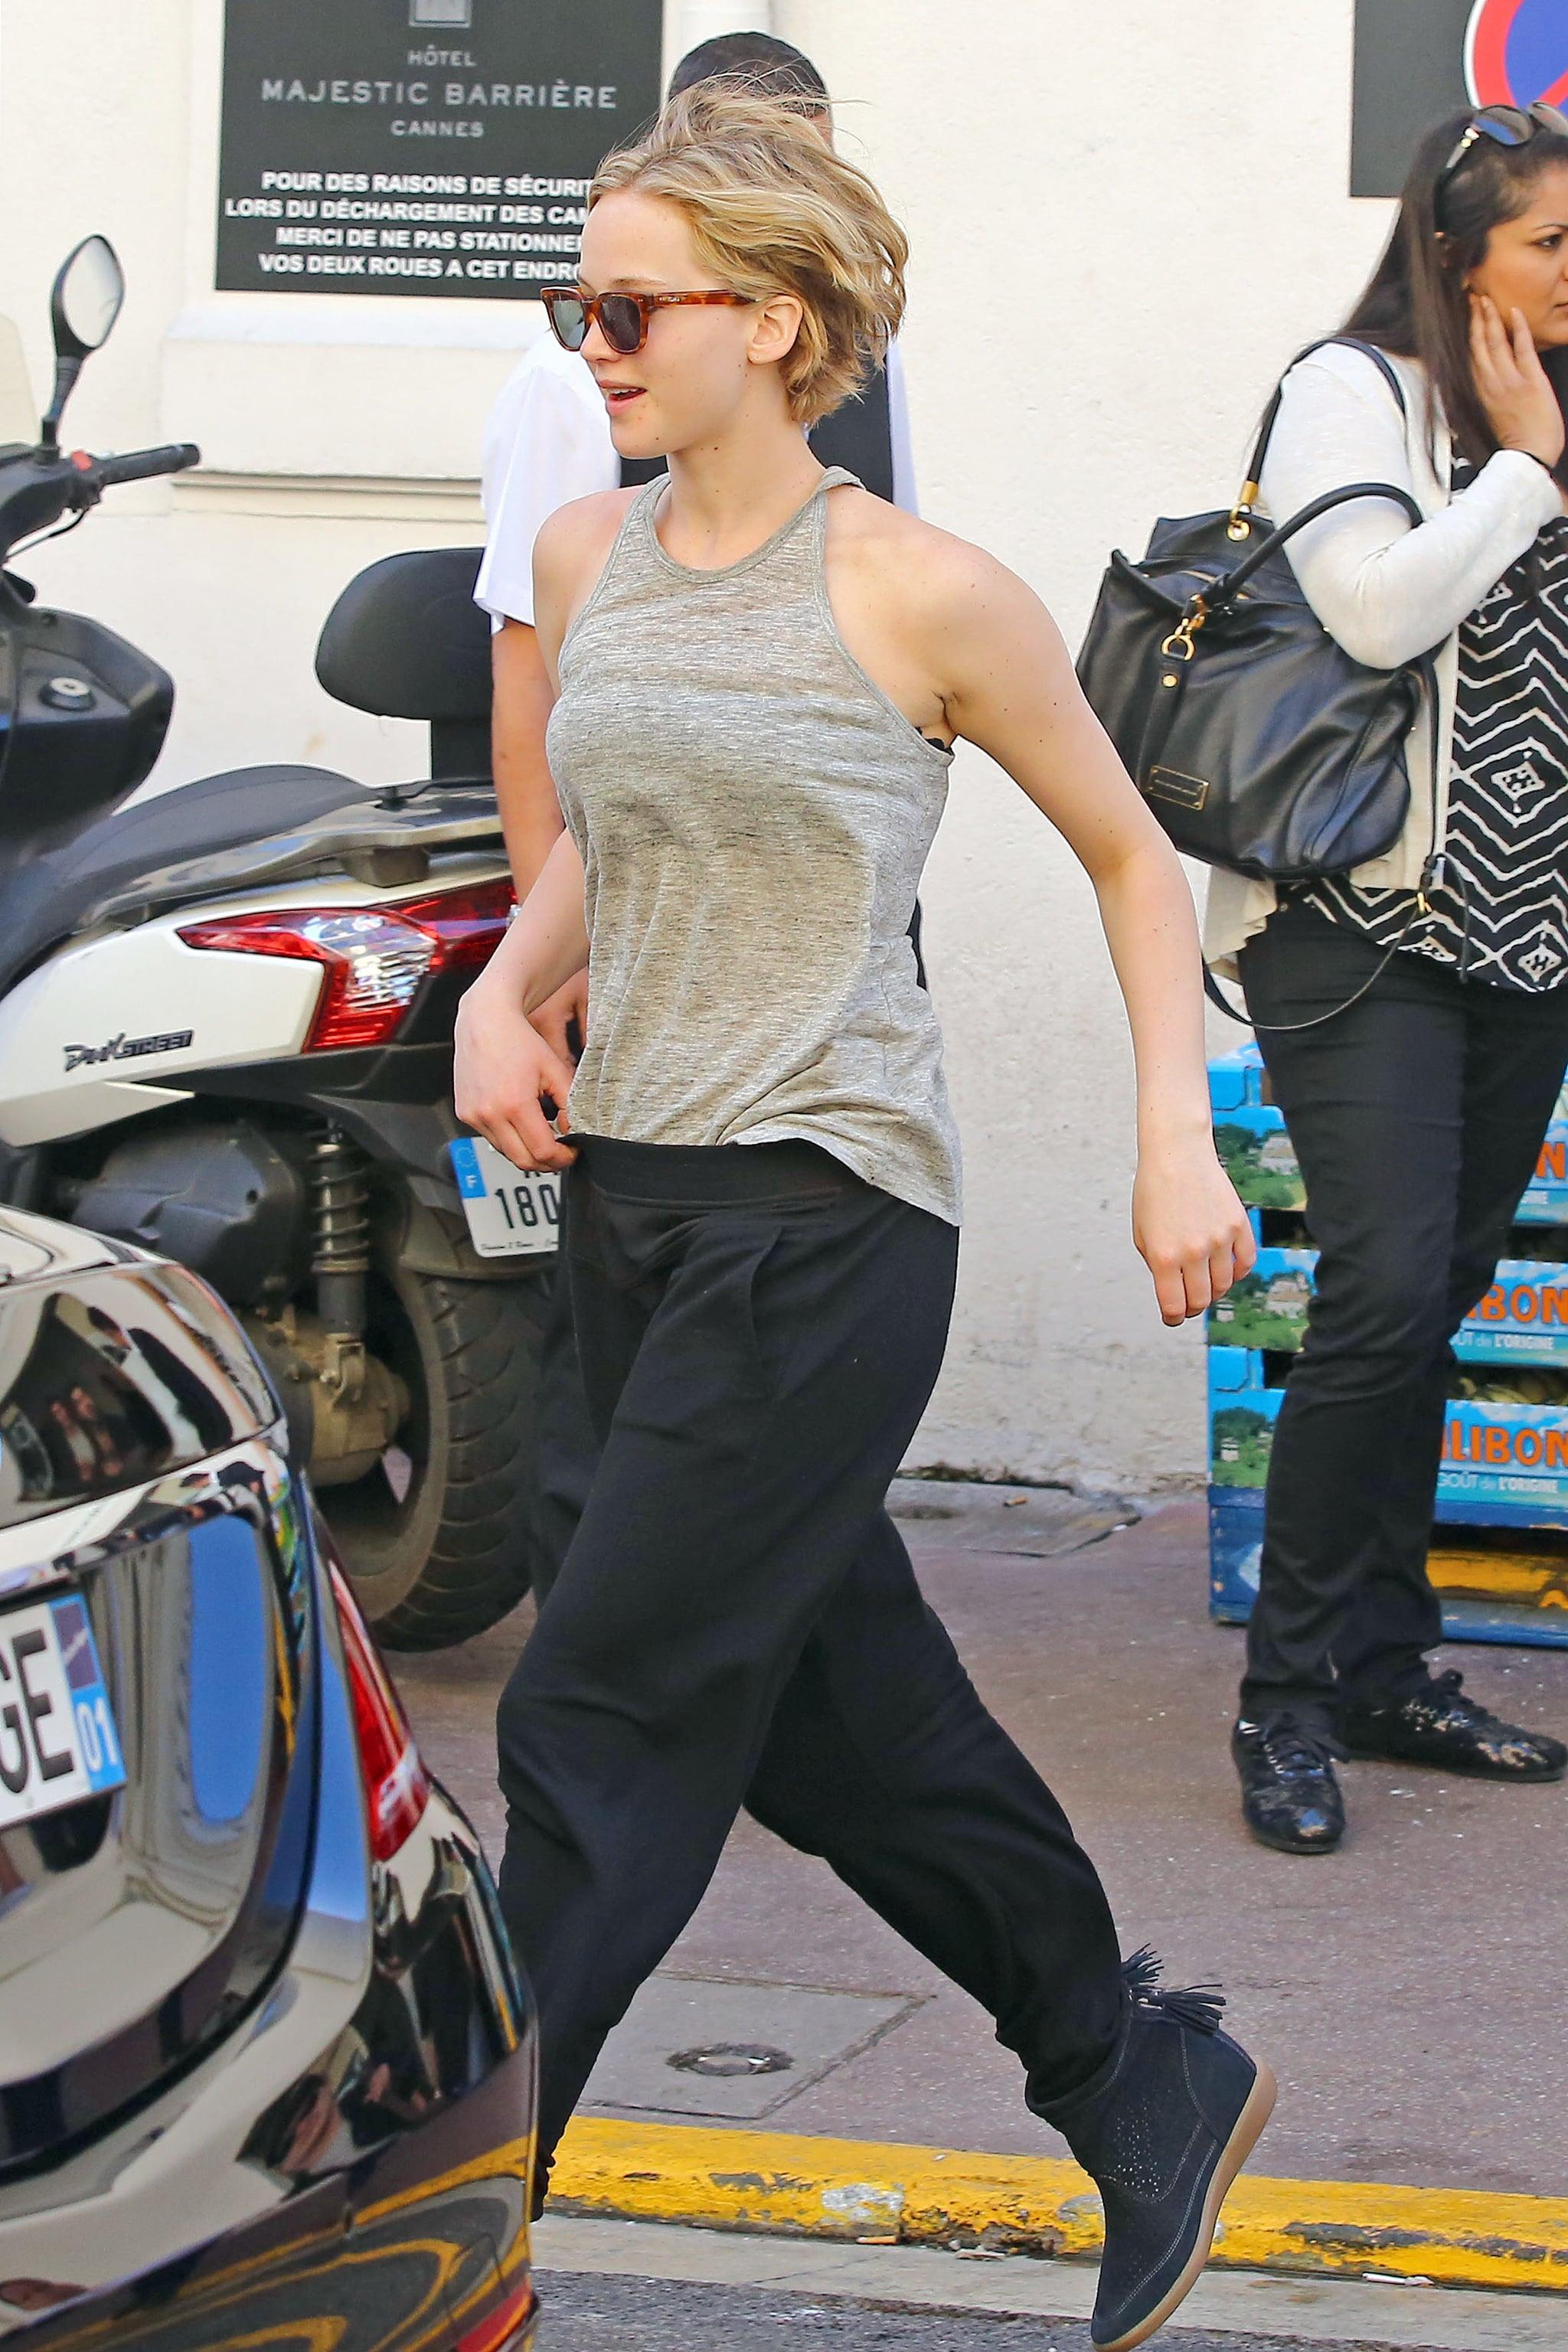 Jennifer Lawrence walked around Cannes on Sunday.